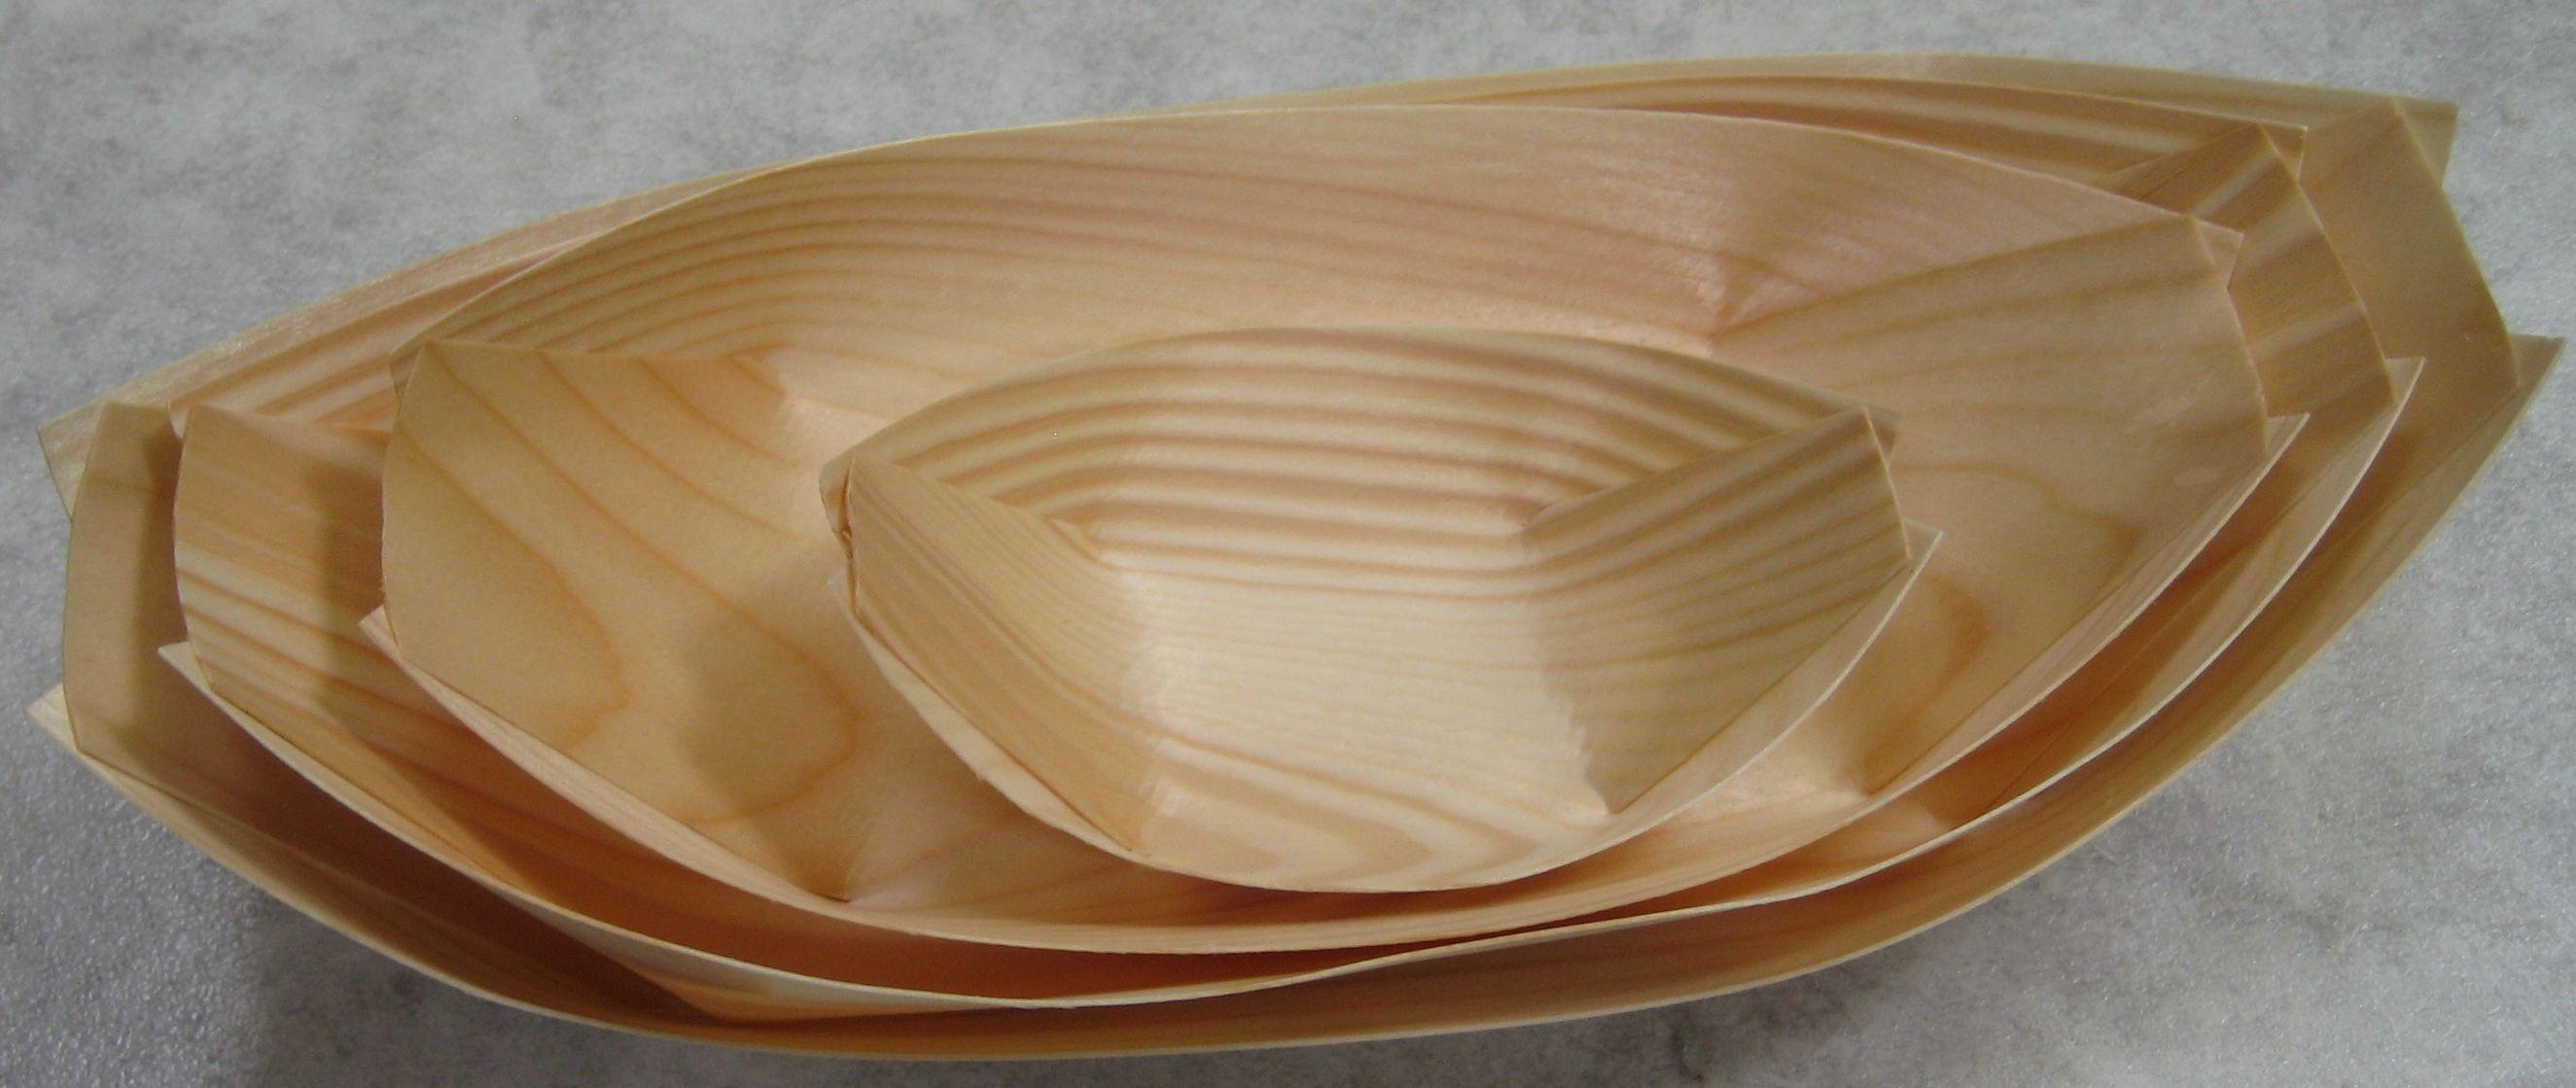 Tynde serveringsskibe i træ. Produktet er rent dvs. helt fri for overfladebehandling..